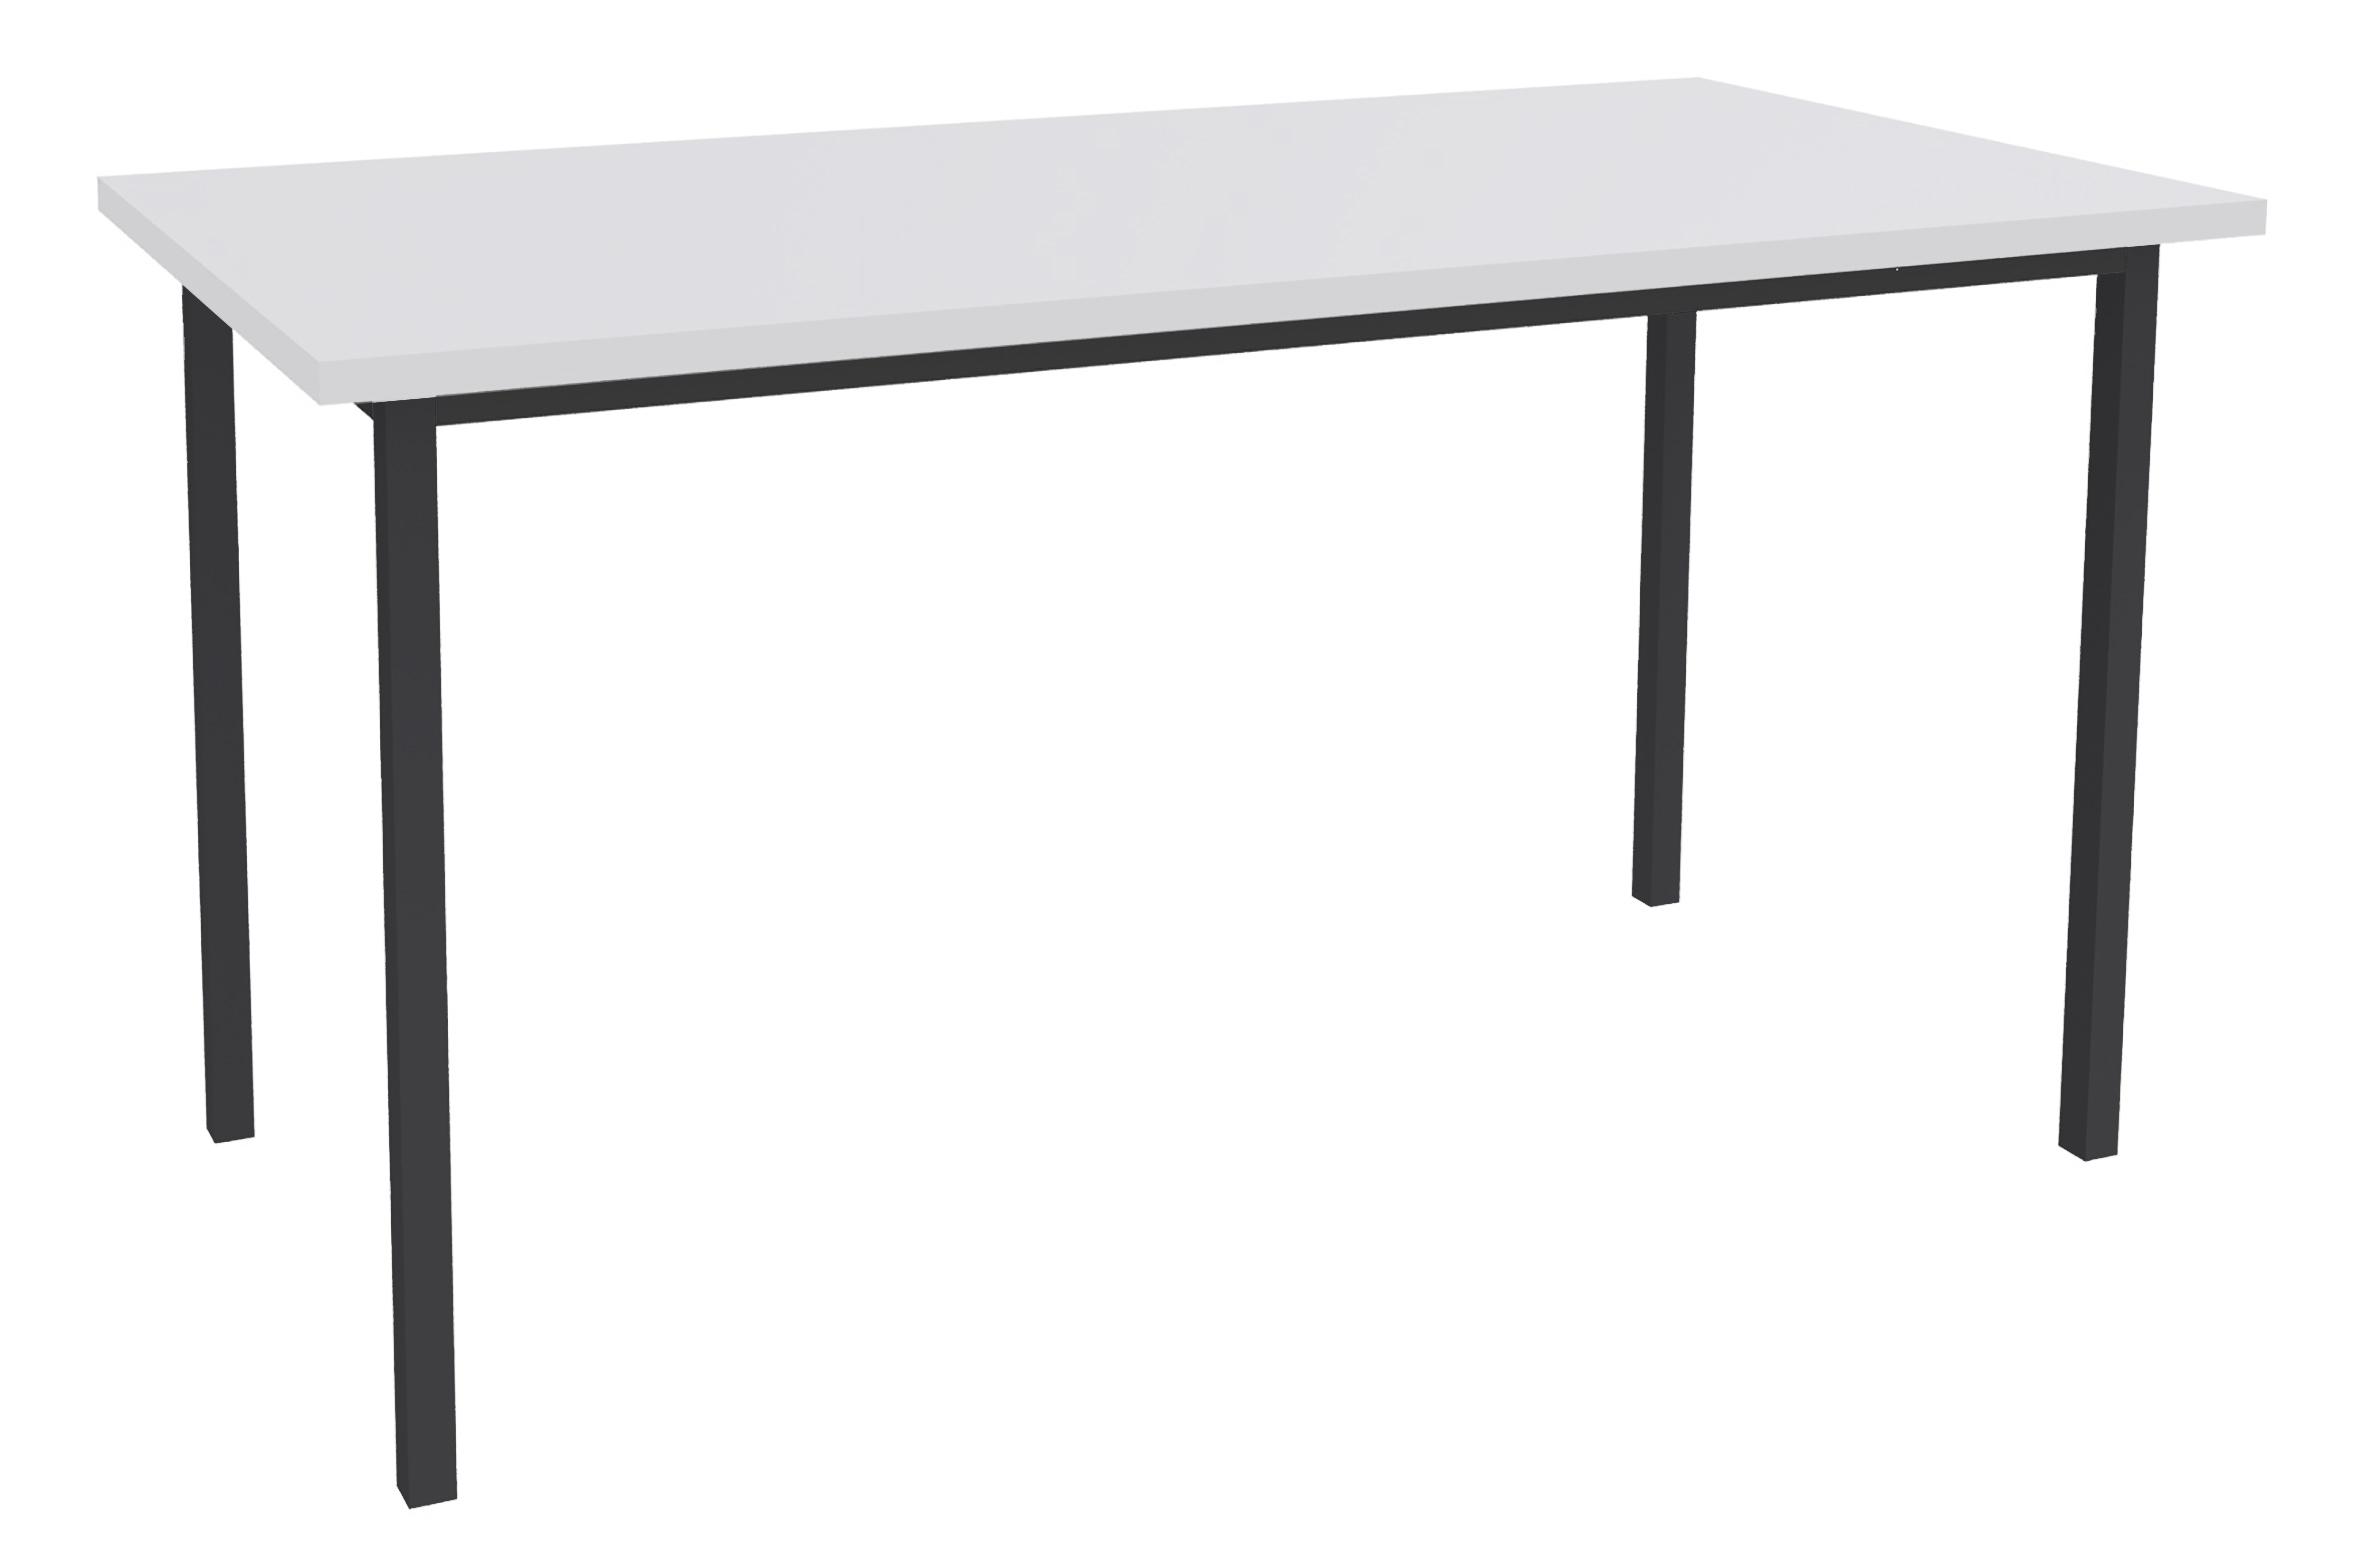 Table de réunion Rectangulaire - 120 x 60 cm - Pieds anthracite - blanc perle